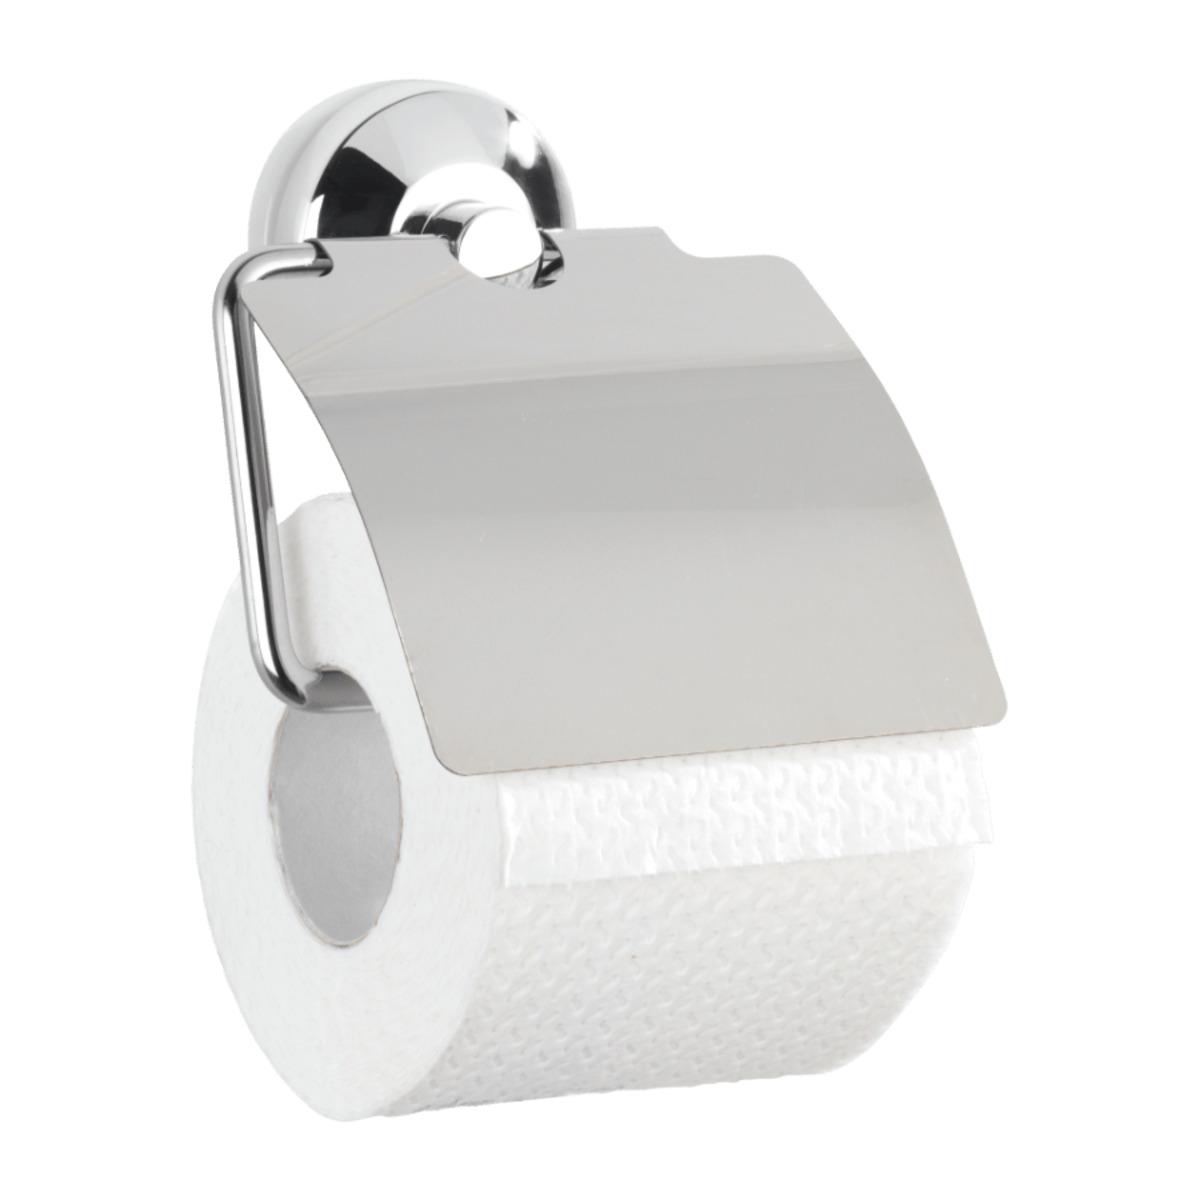 Bild 3 von Magic-Loc-WC-Accessoires